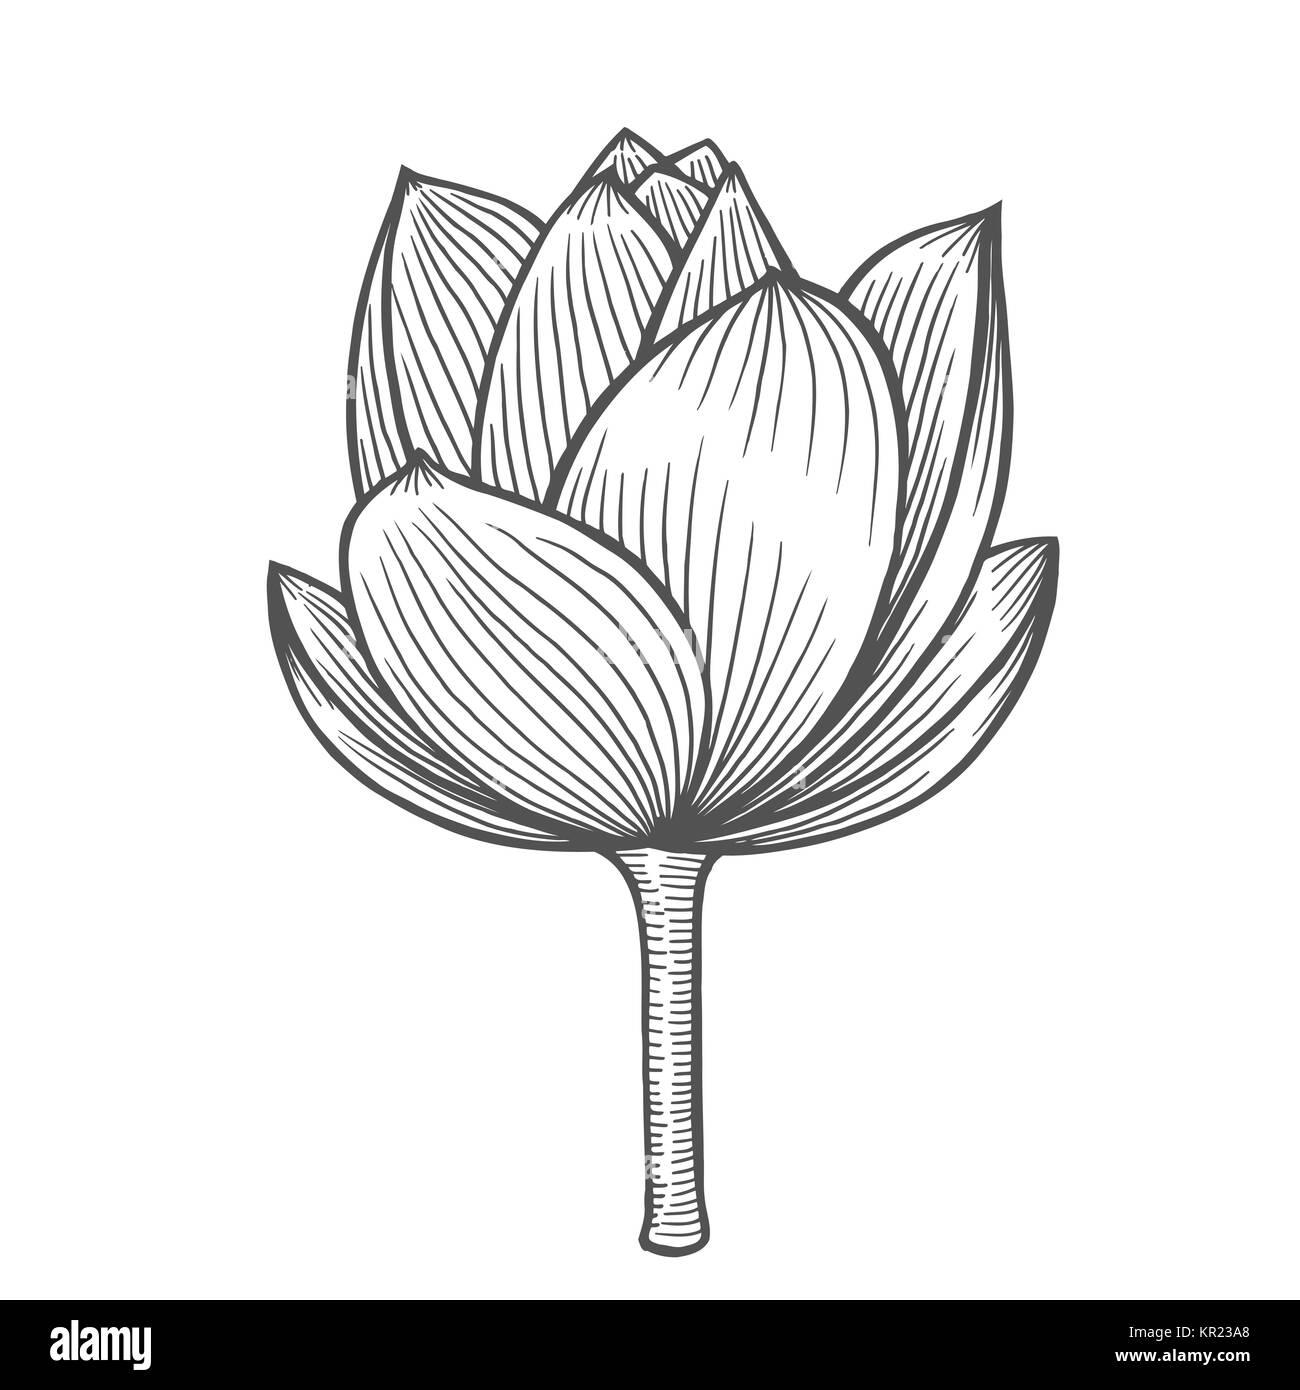 Fiore Di Loto Illustrazione Modello Di Linea Illustrazioni